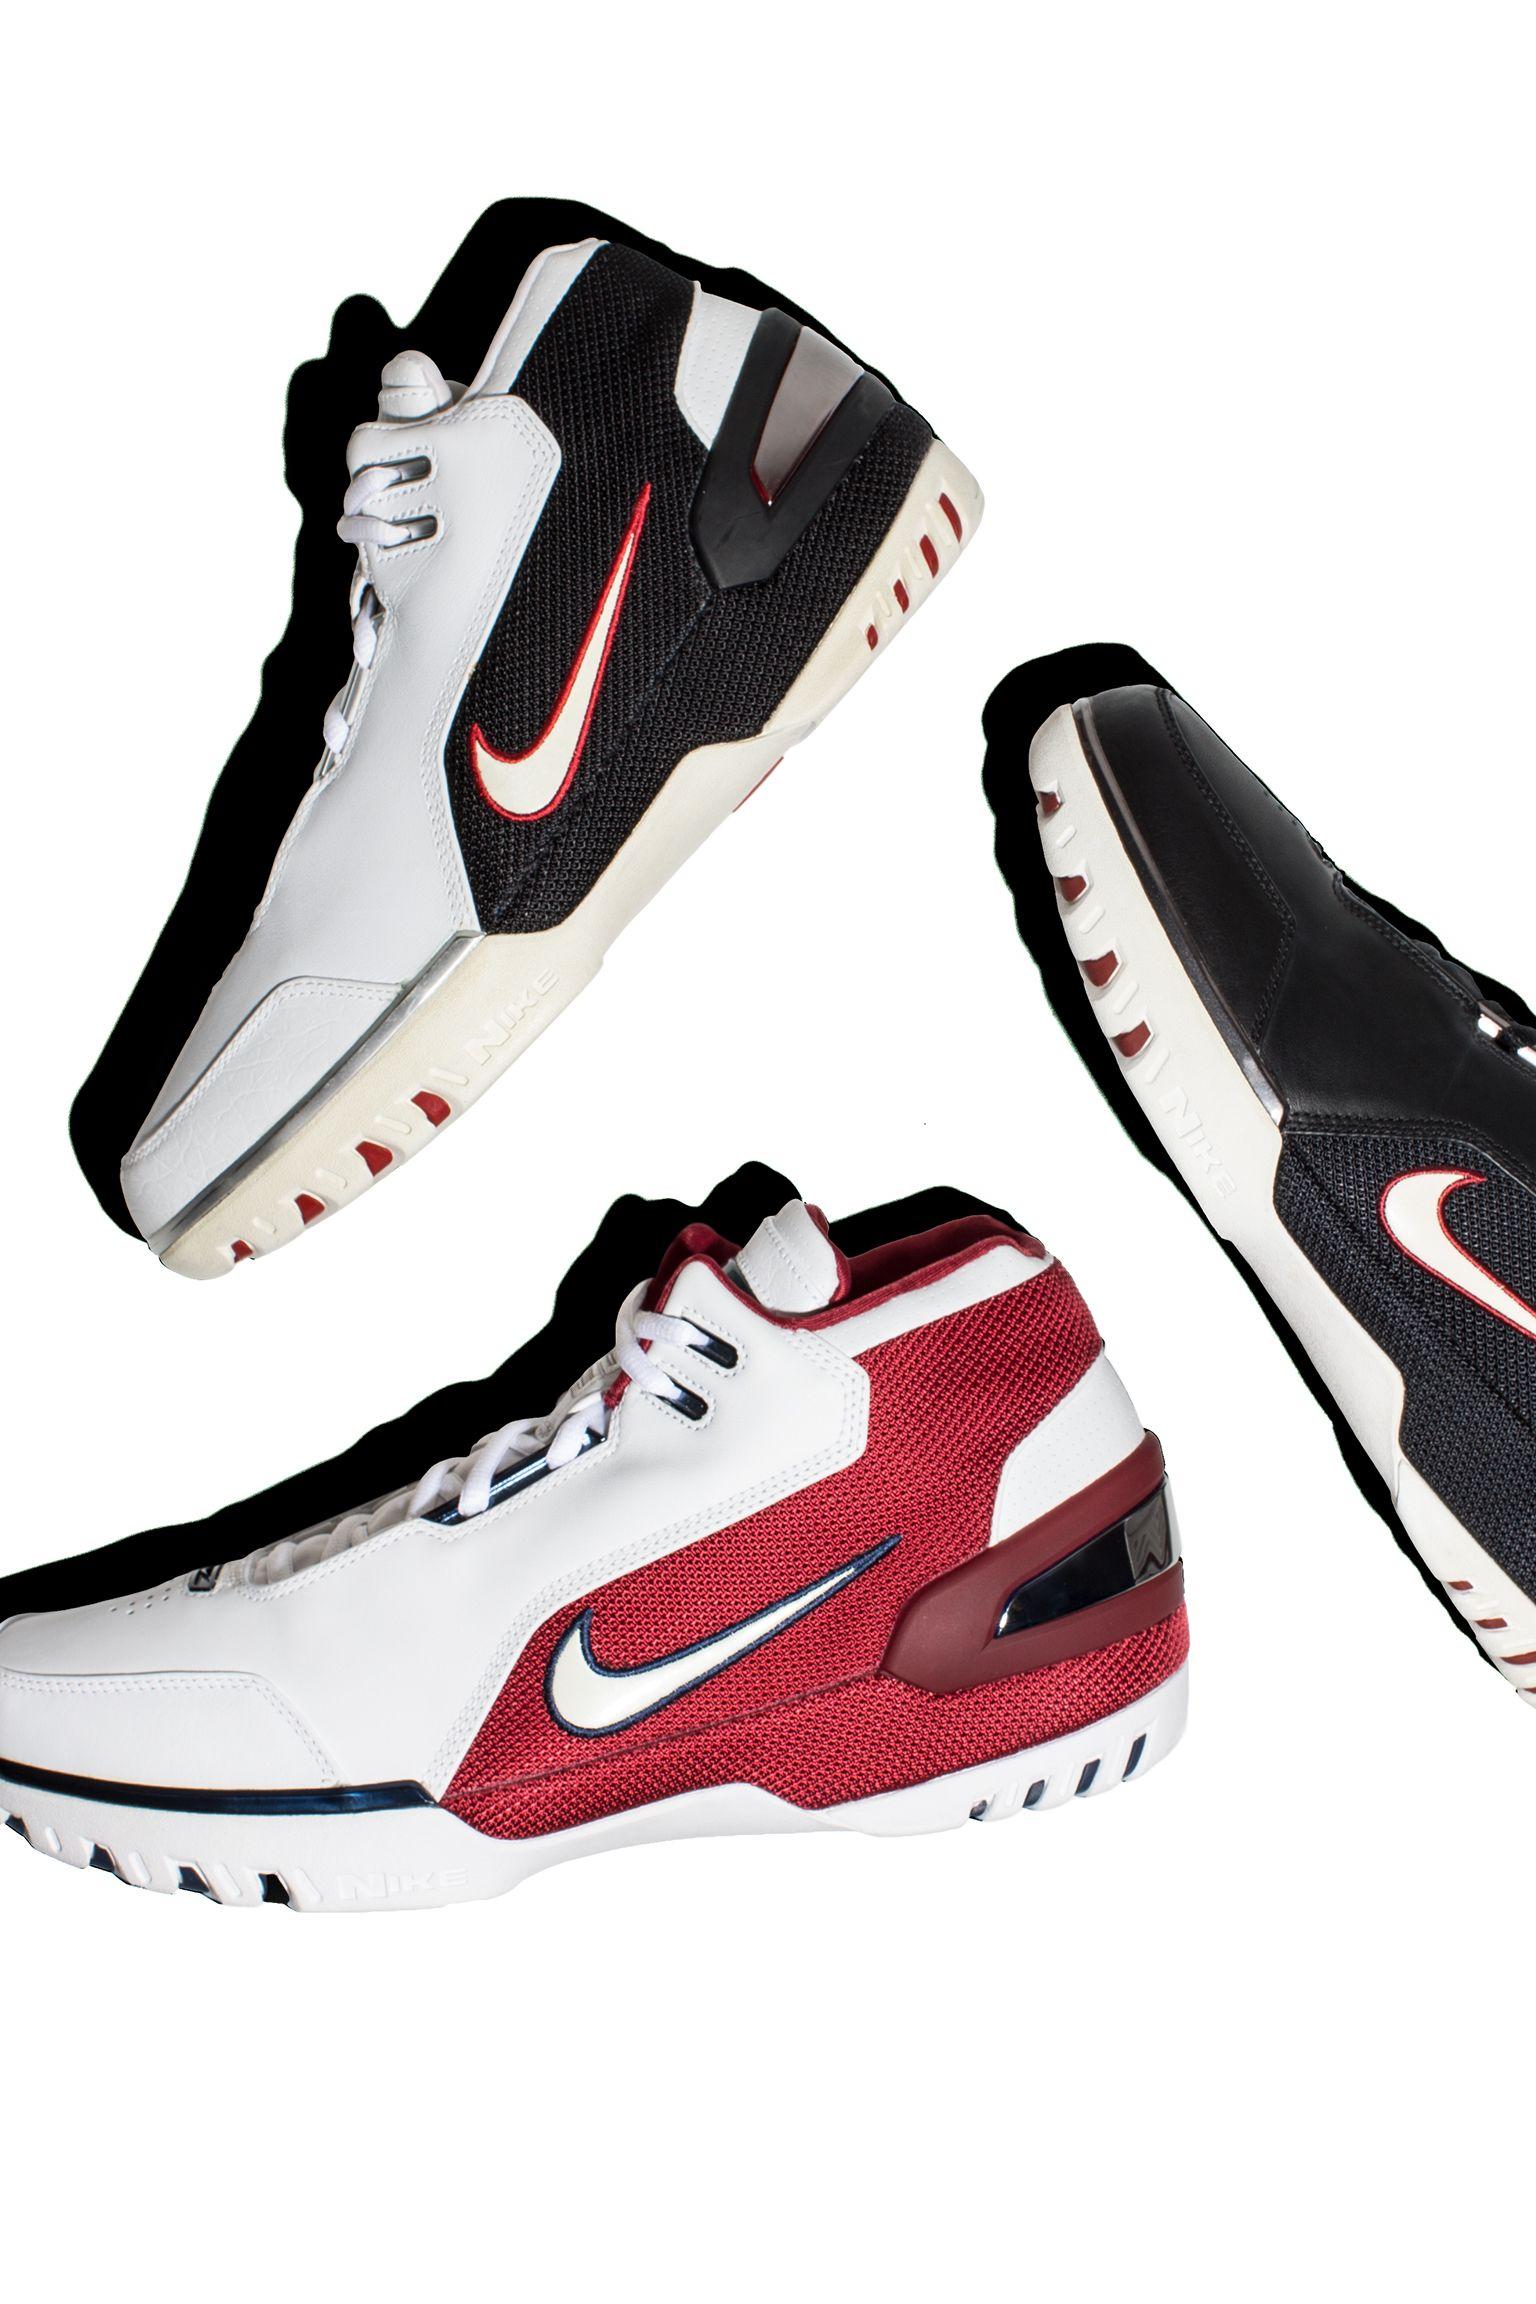 Informacje o projekcie: Nike Air Zoom Generation